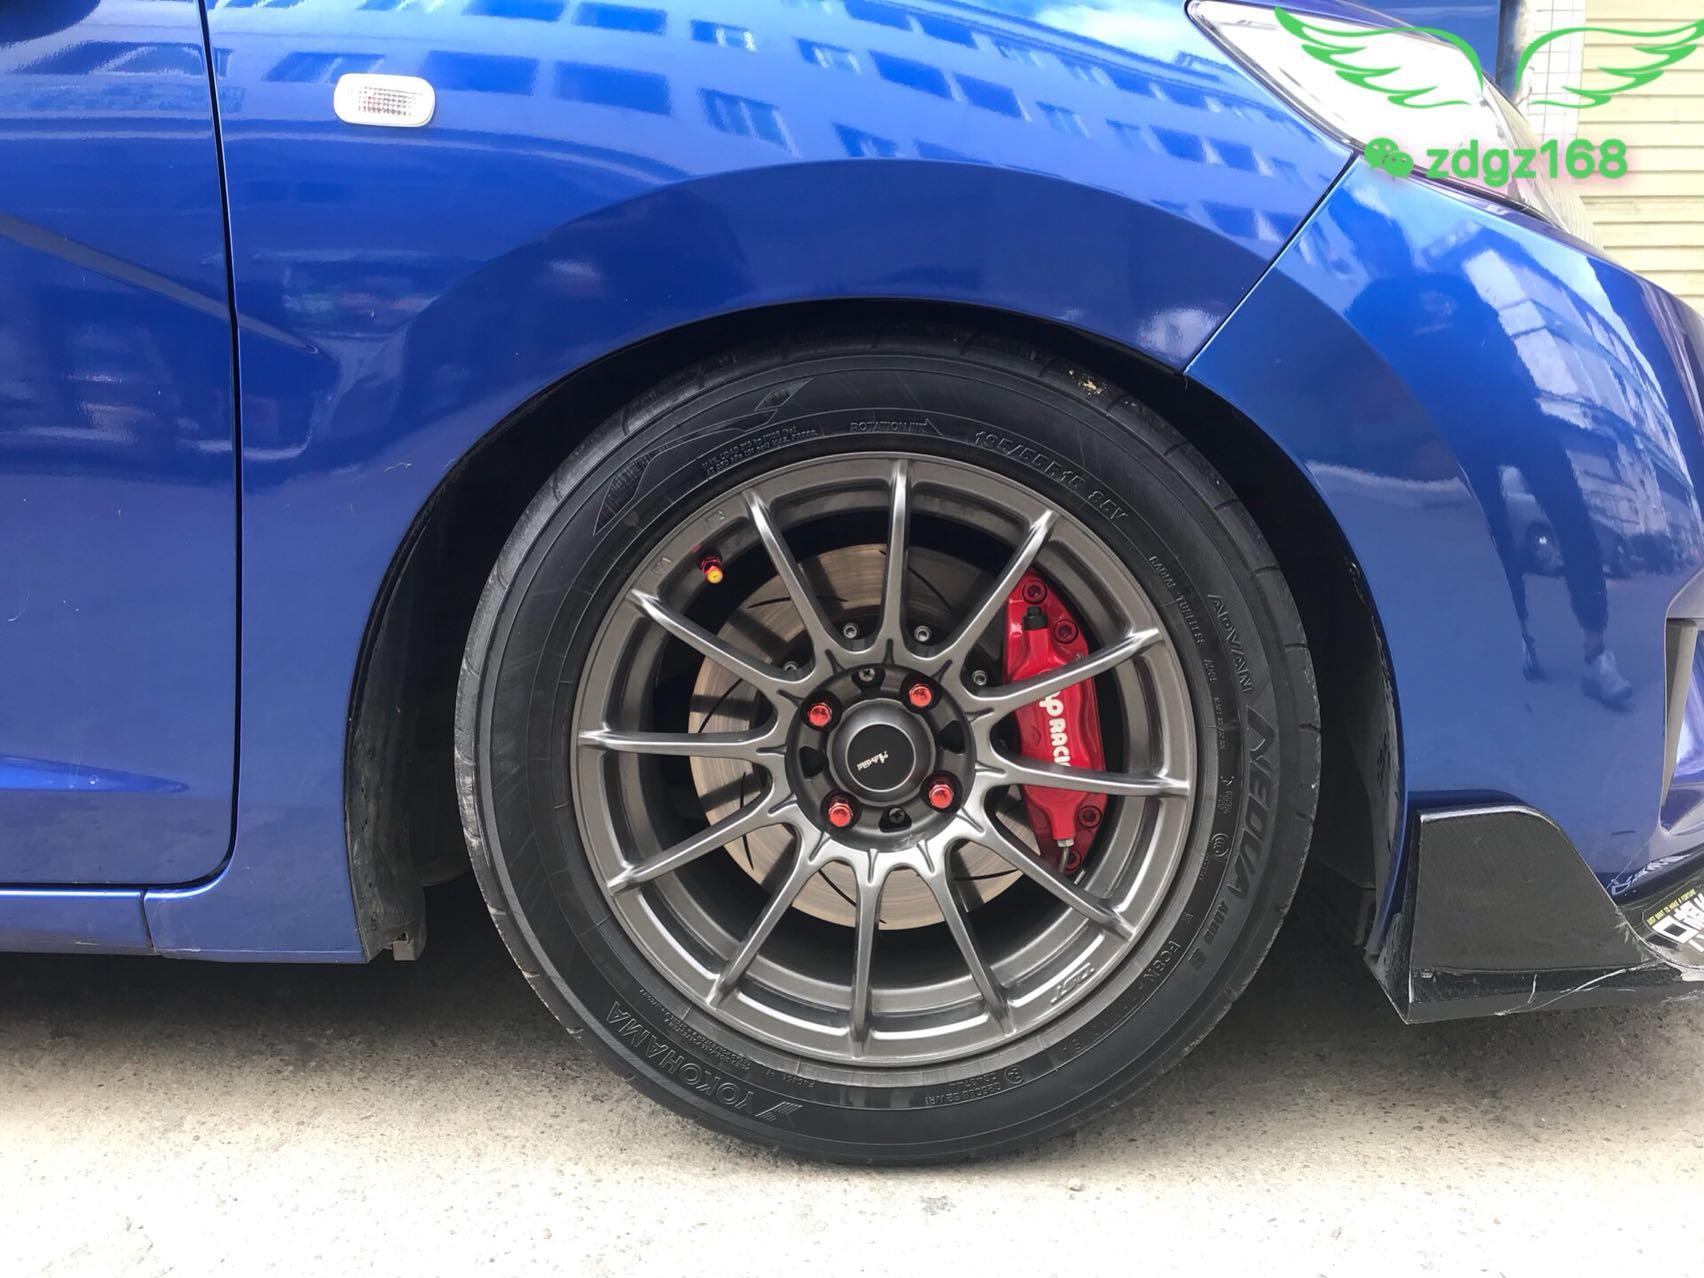 【刹车改装】飞度 15寸刹车升级前轮Ap7600小四活塞,完美安装